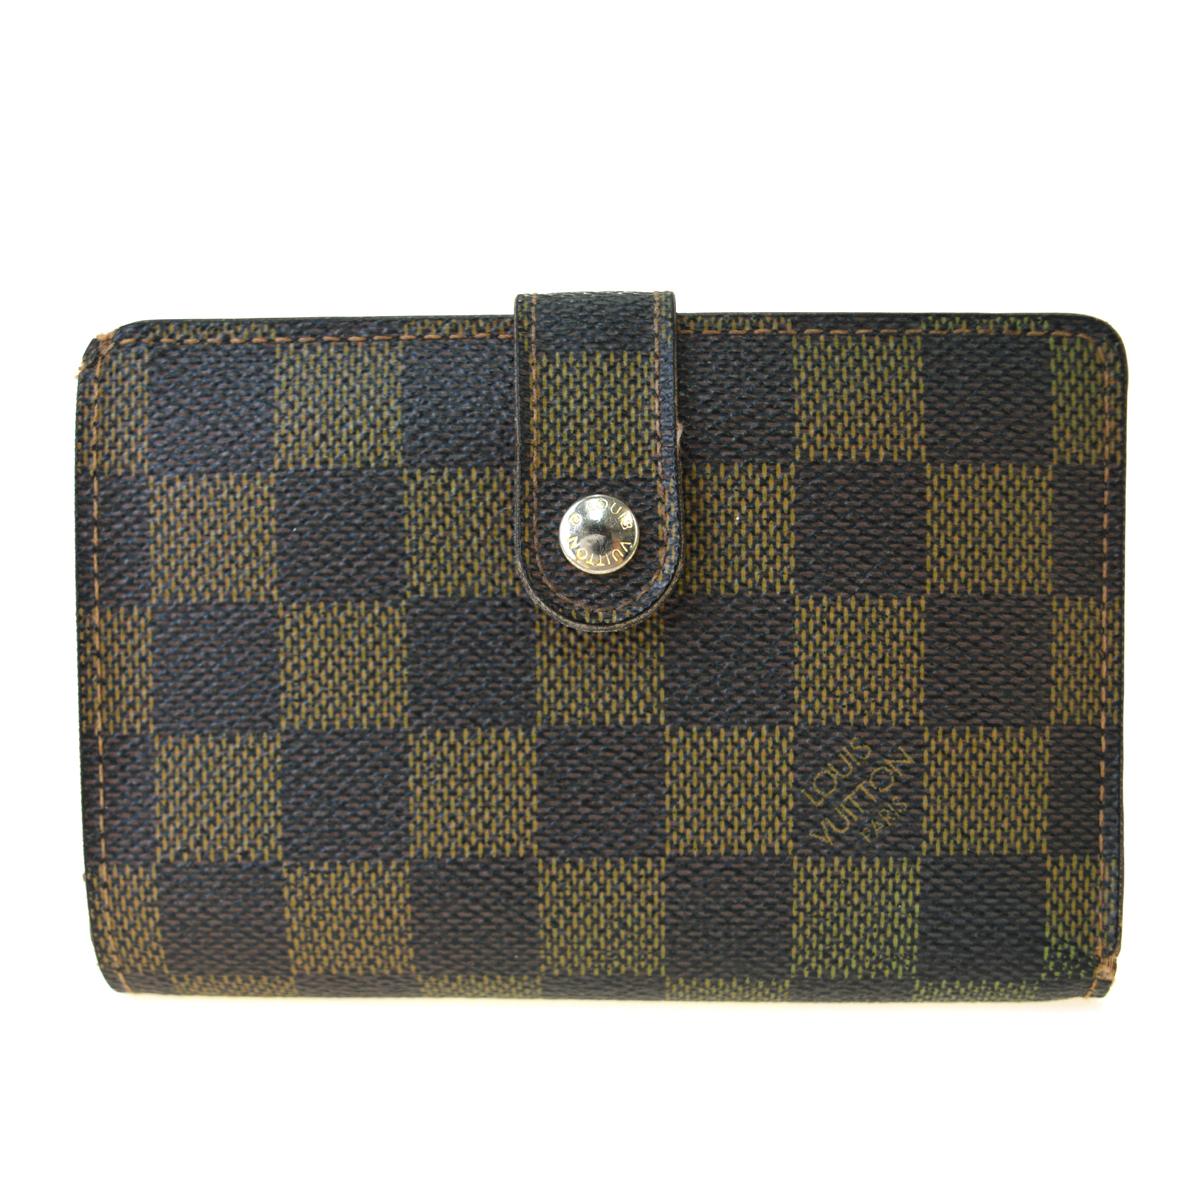 【中古】 ルイ・ヴィトン(Louis Vuitton) ダミエ ポルトフォイユ ビエノワ N61674 ダミエキャンバス 中財布(二つ折り) ブラウン 05PA190